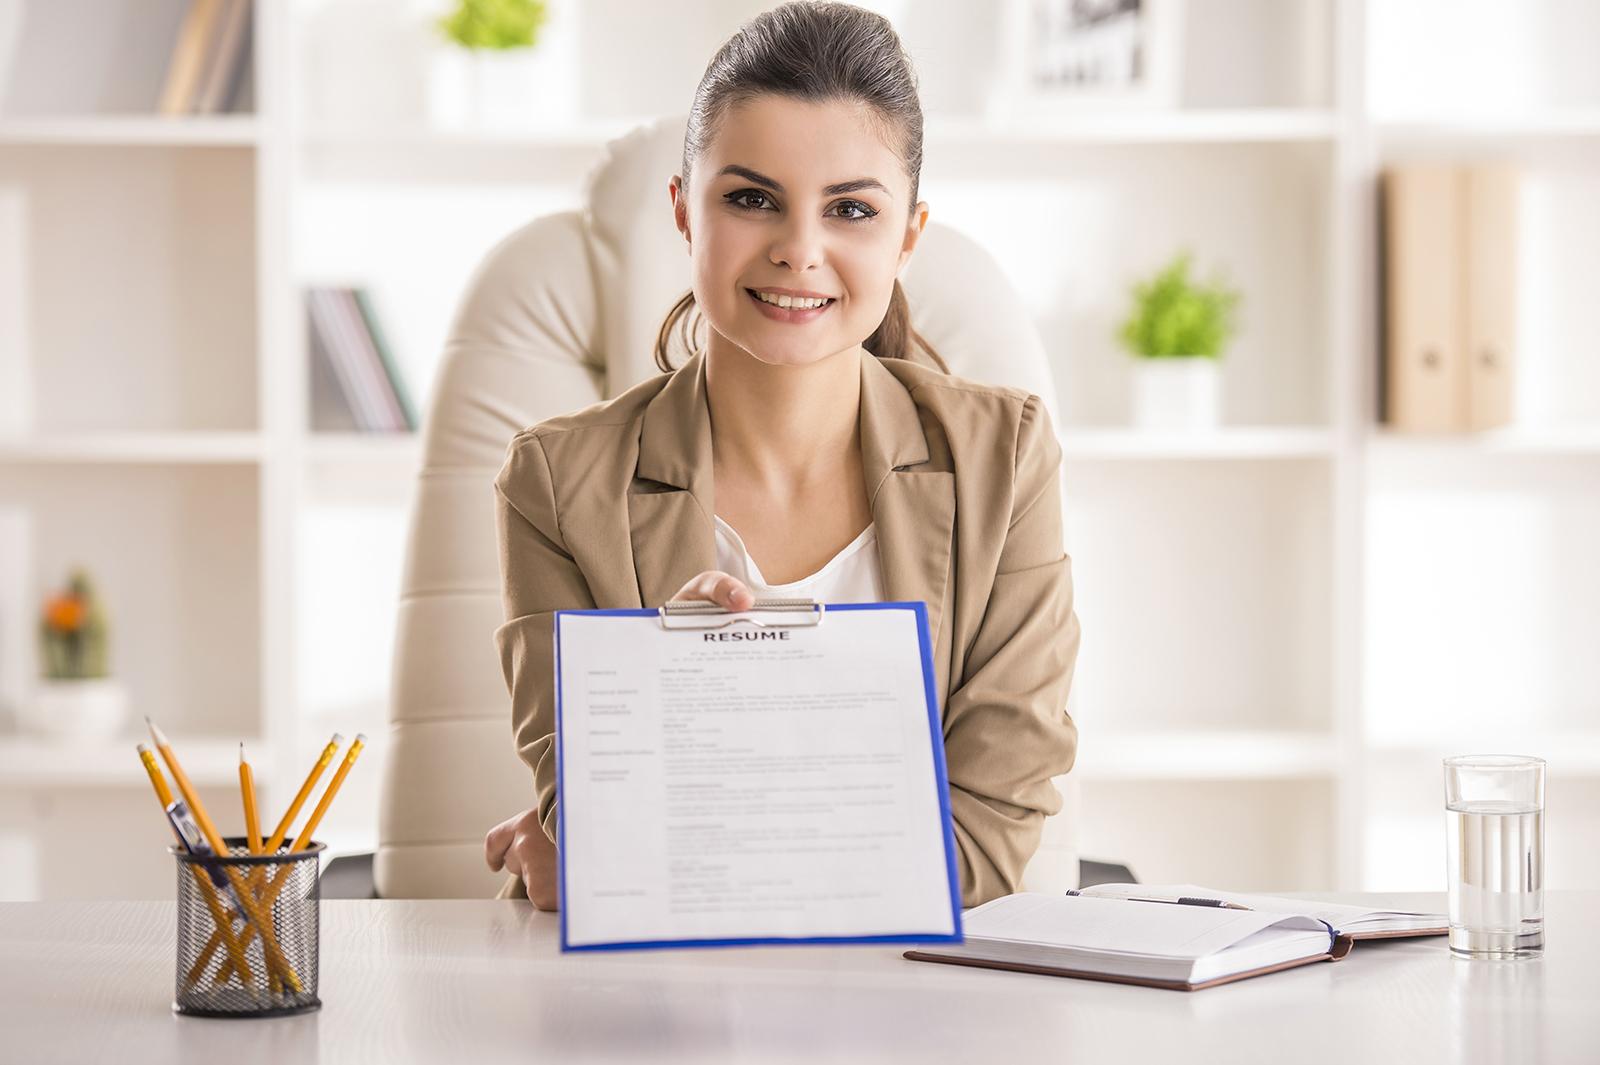 美容部員の志望動機を履歴書に書くときのポイントとは?/Photo by VGstockstudio